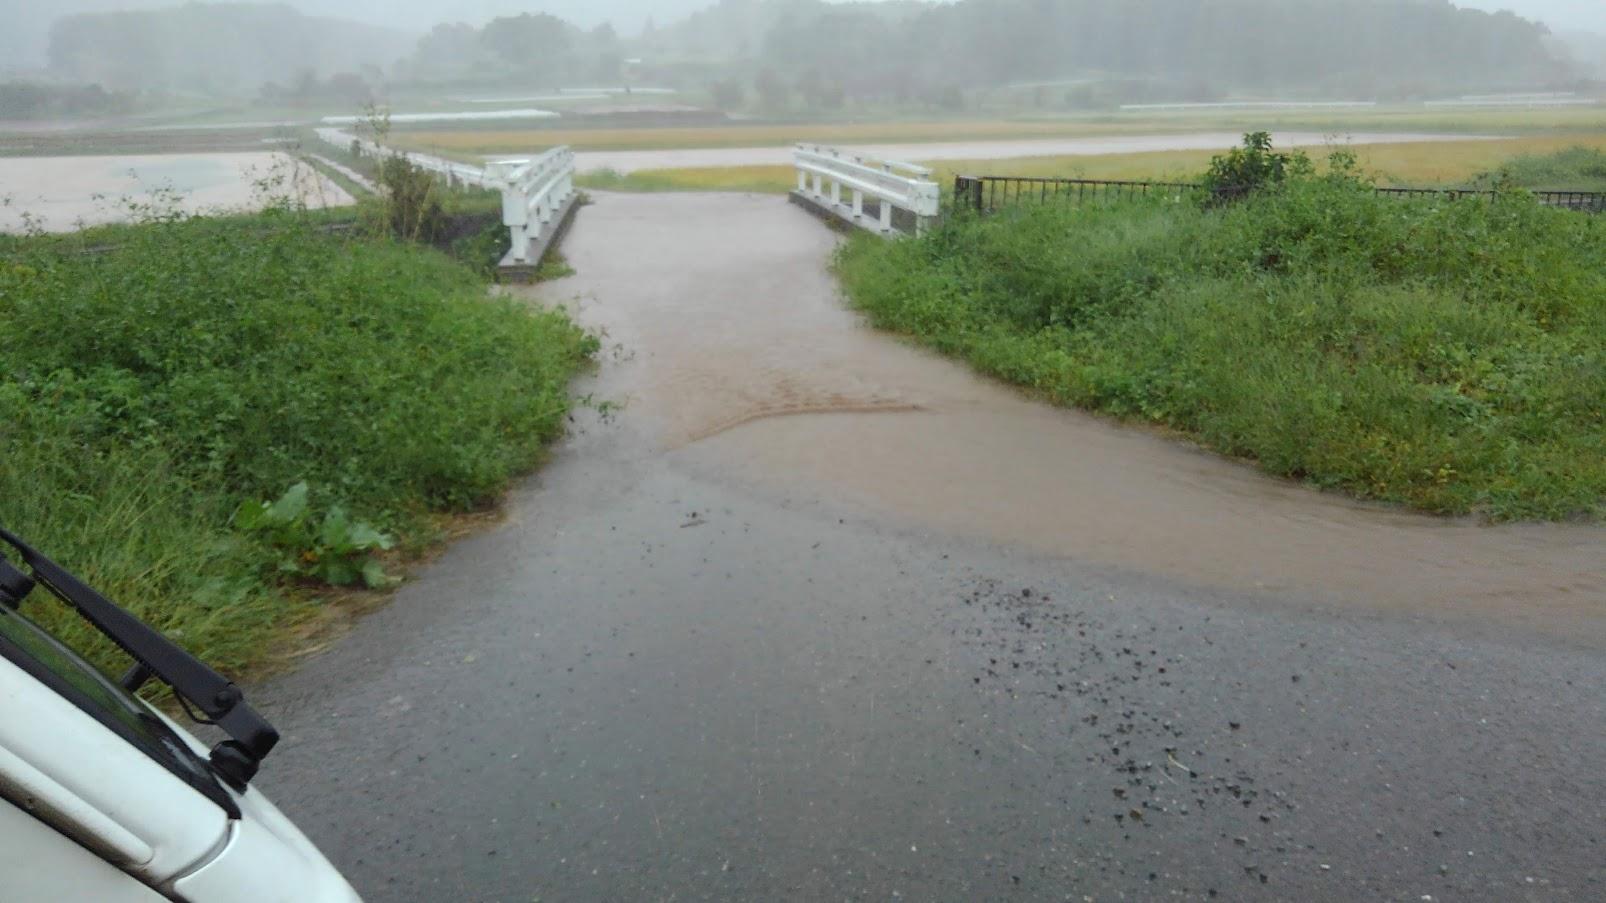 上流域の市ノ川は下流の東松山市で氾濫